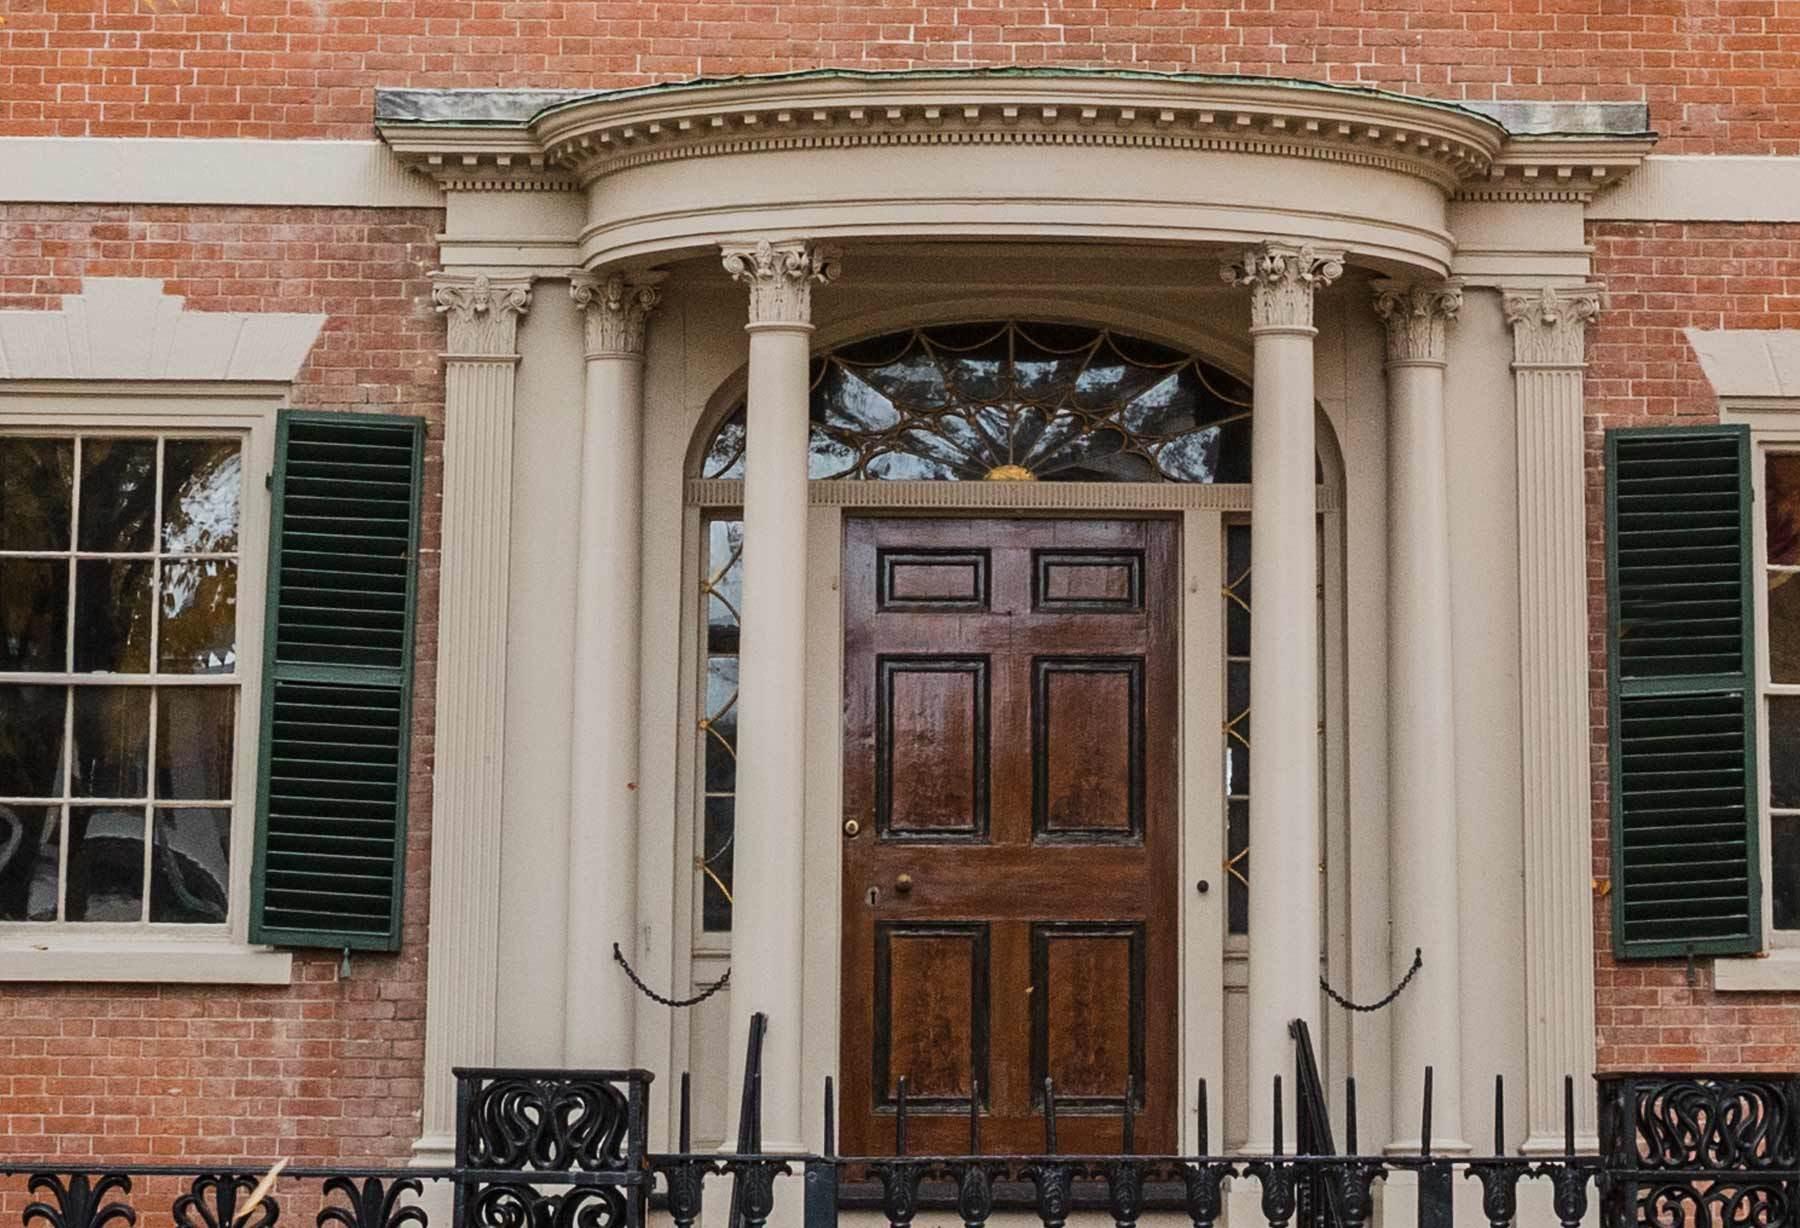 Door to the Crowninshield-Bentley House